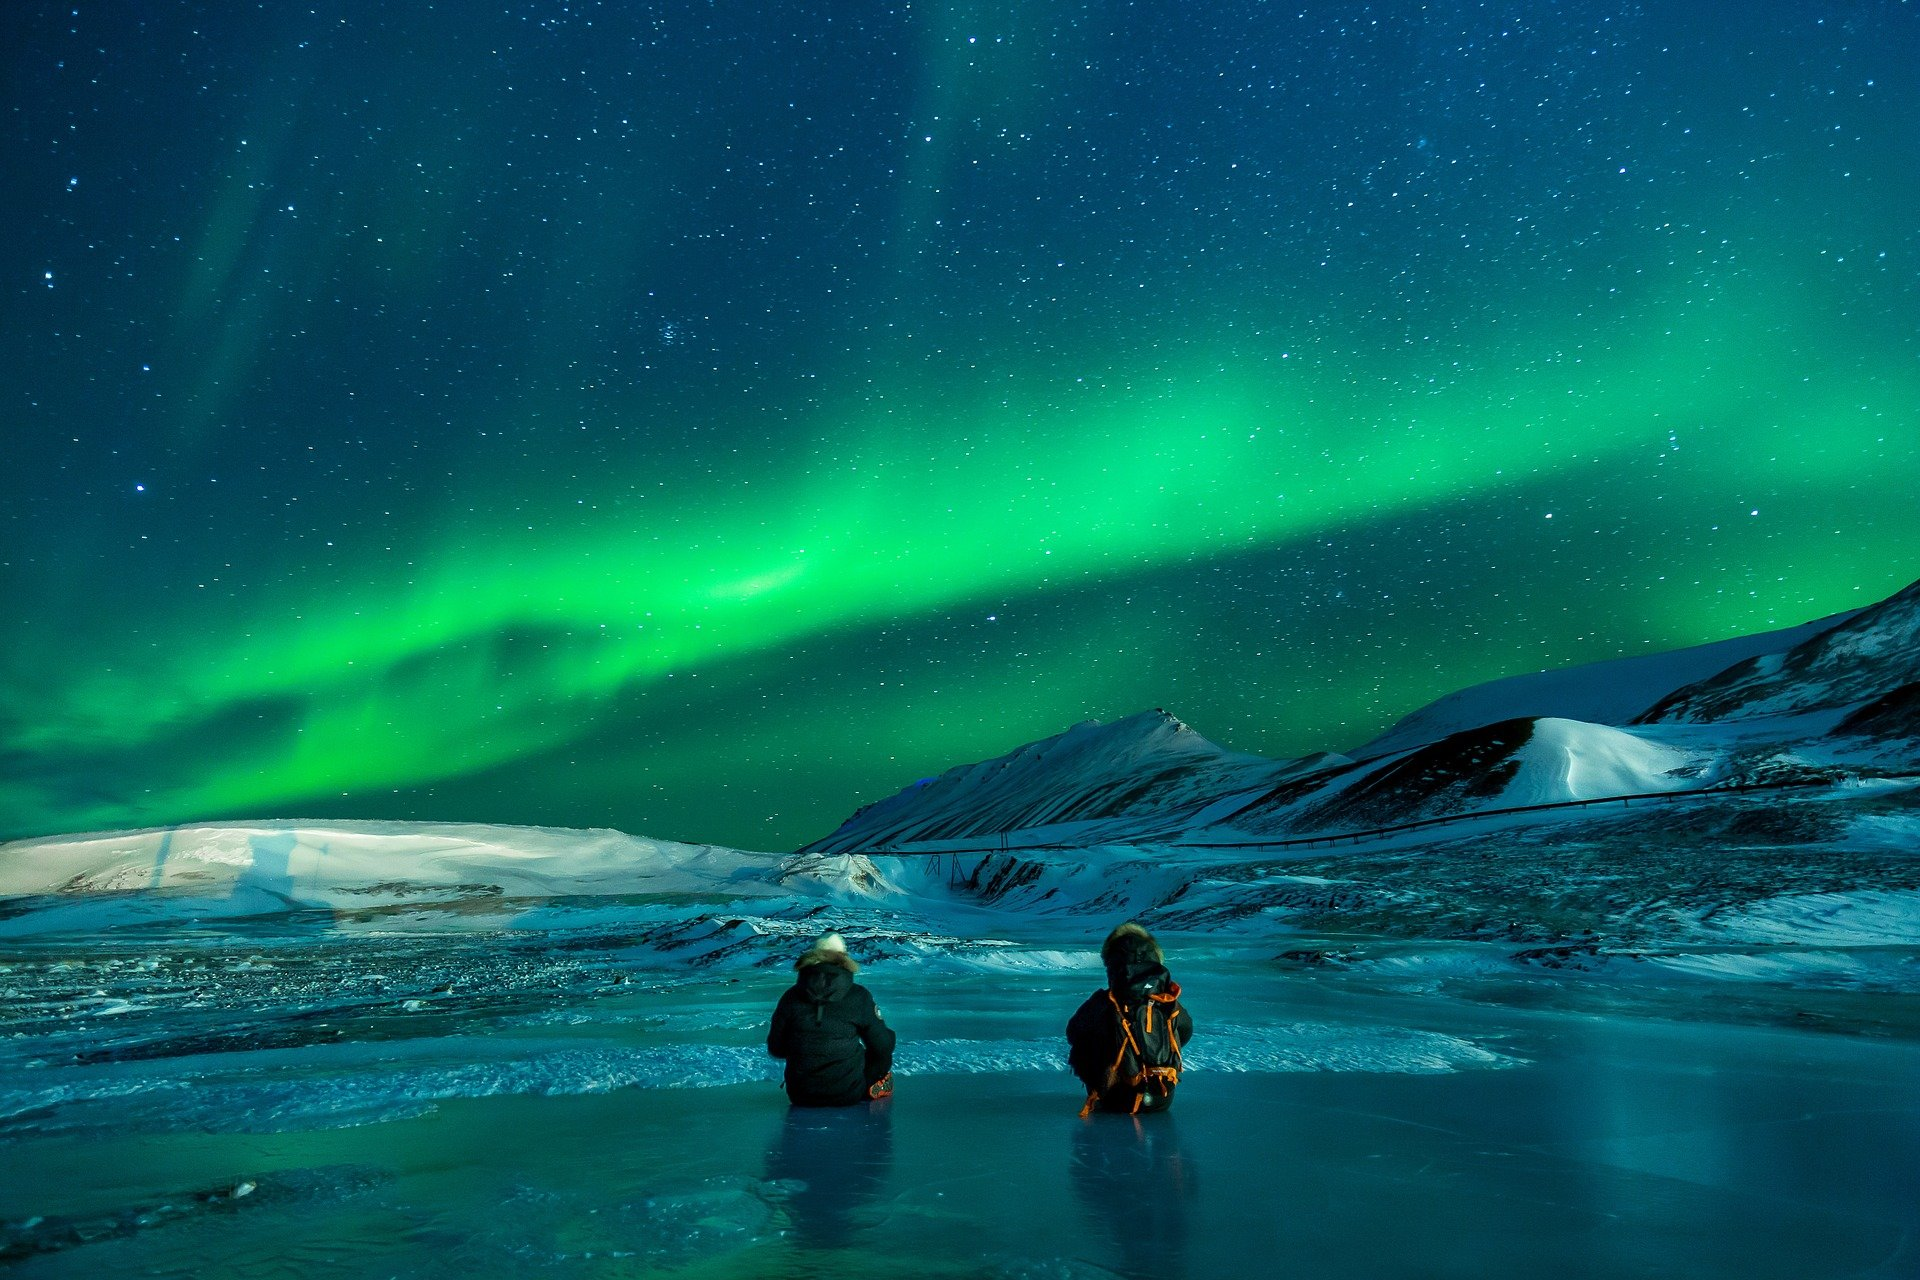 nordlichter sehen grün schneelandschaft